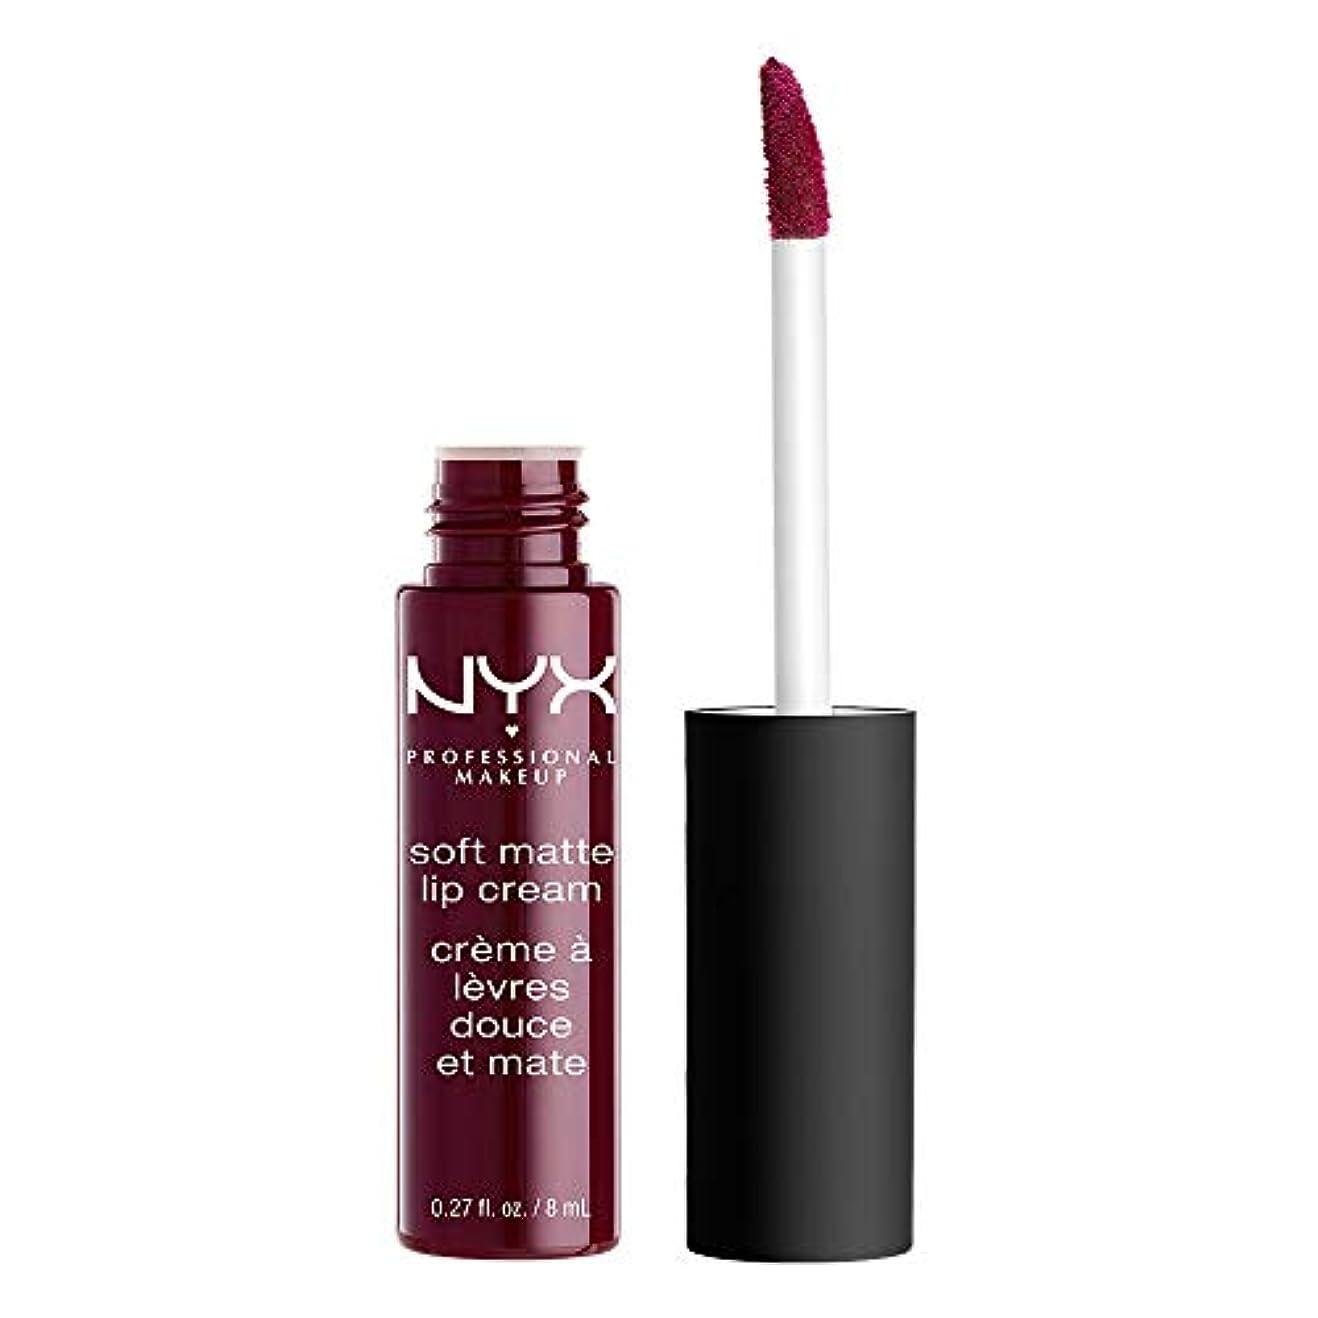 マーカー旧正月意味のあるNYX(ニックス) ソフト マット リップクリーム 20 カラー?コペンハーゲン 口紅 カラーコペンハーゲン 8ml